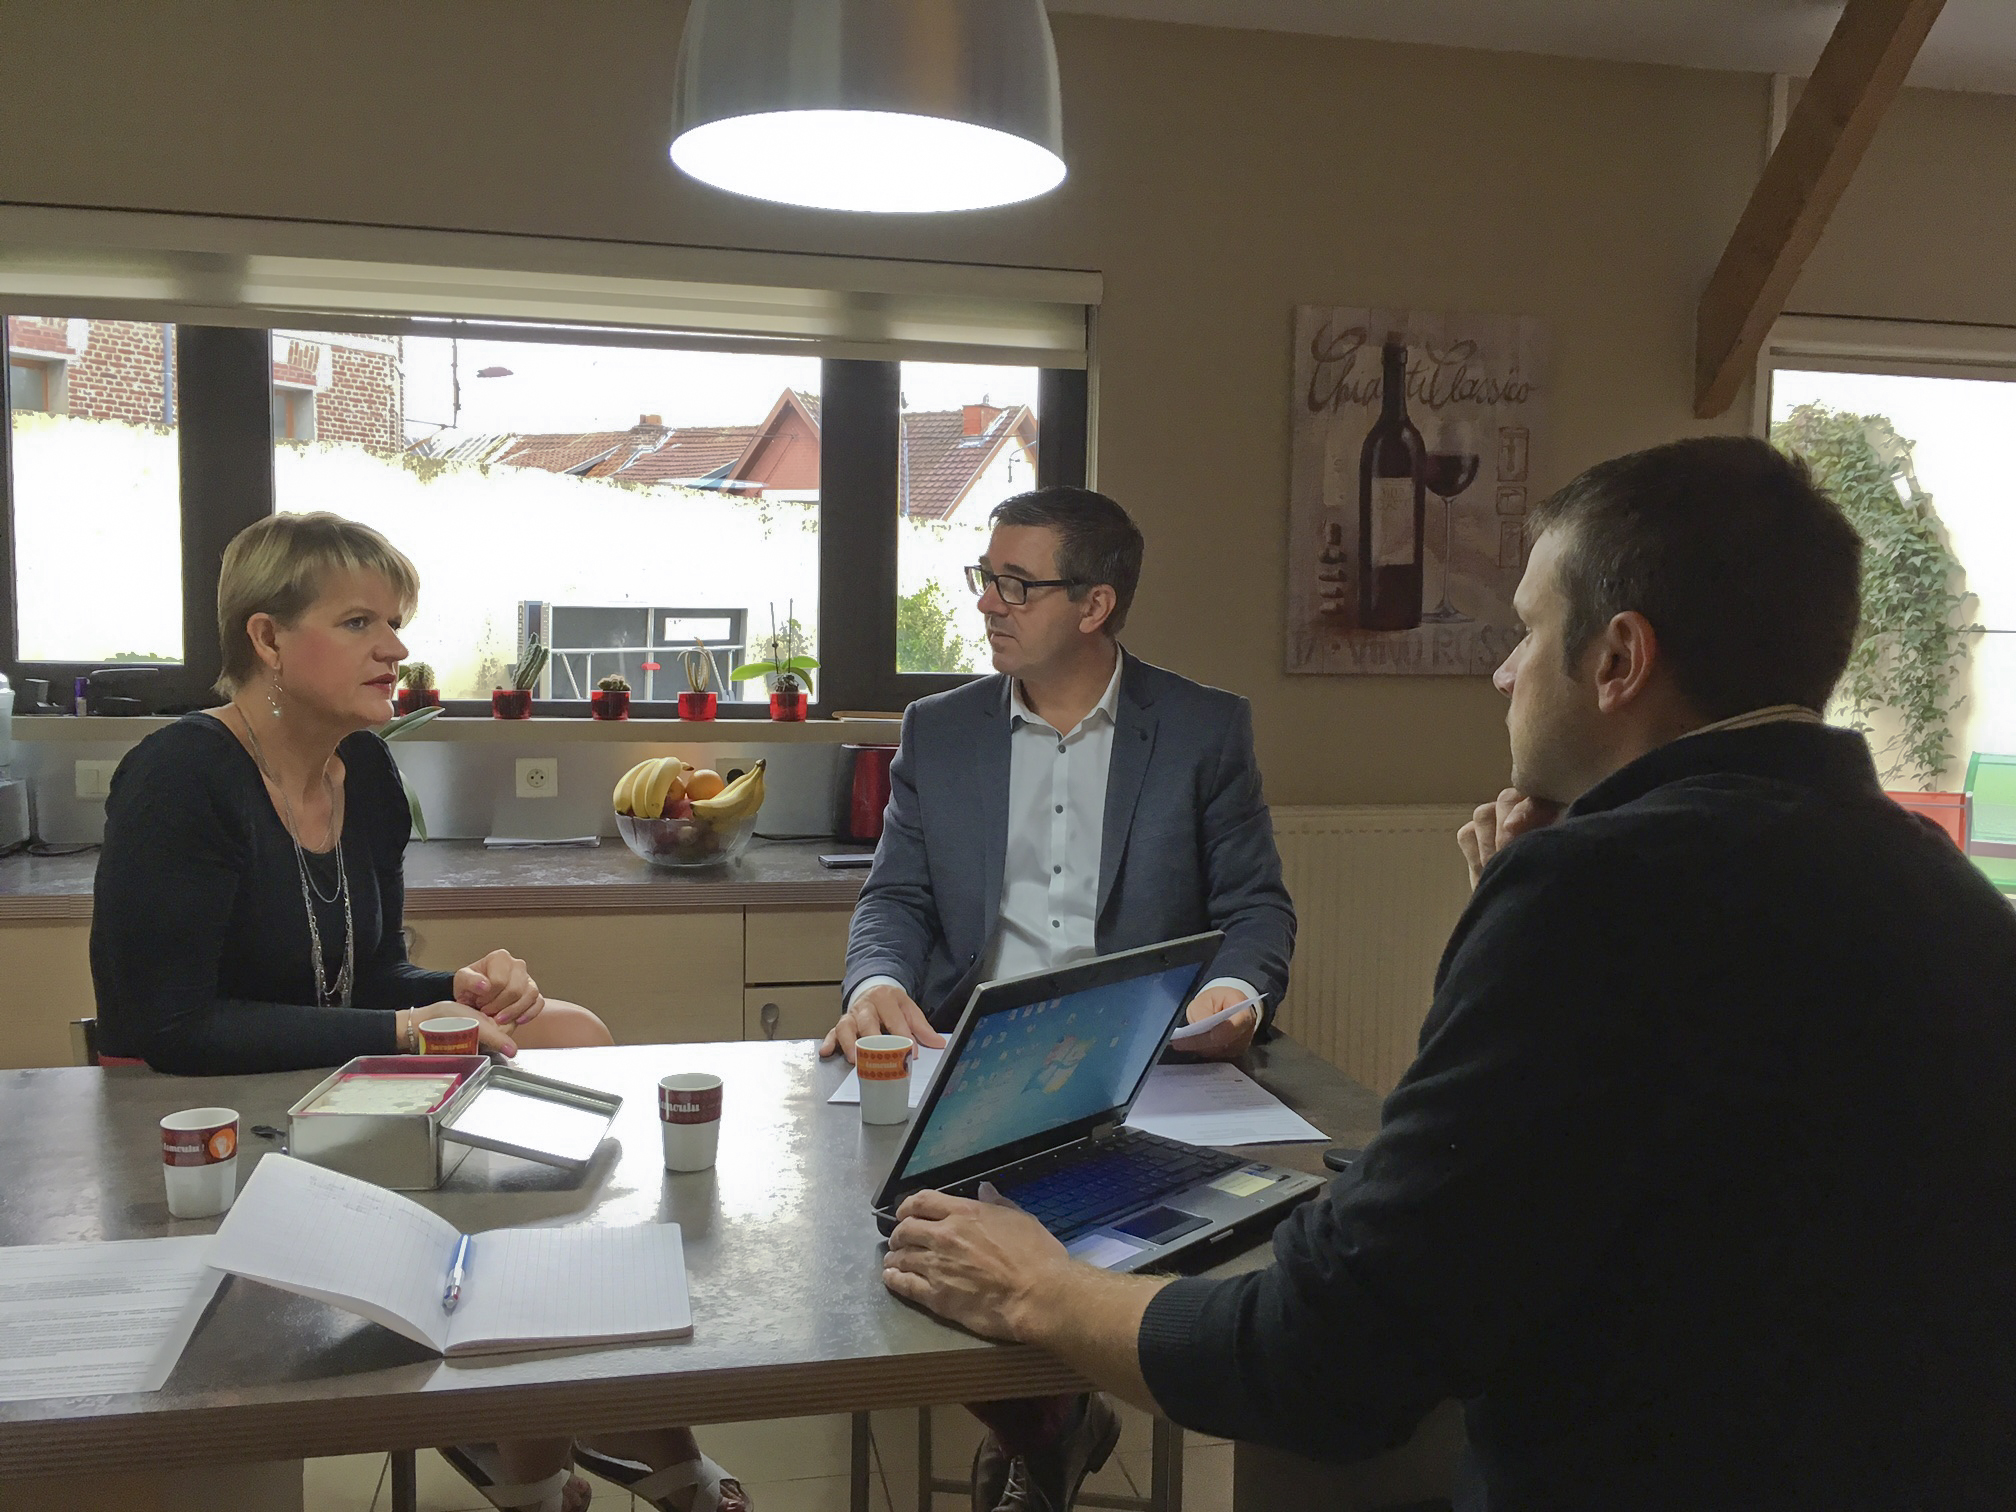 La sécurité d'une maîtrise d'oeuvre - Hauts-de-France Pass Rénovation